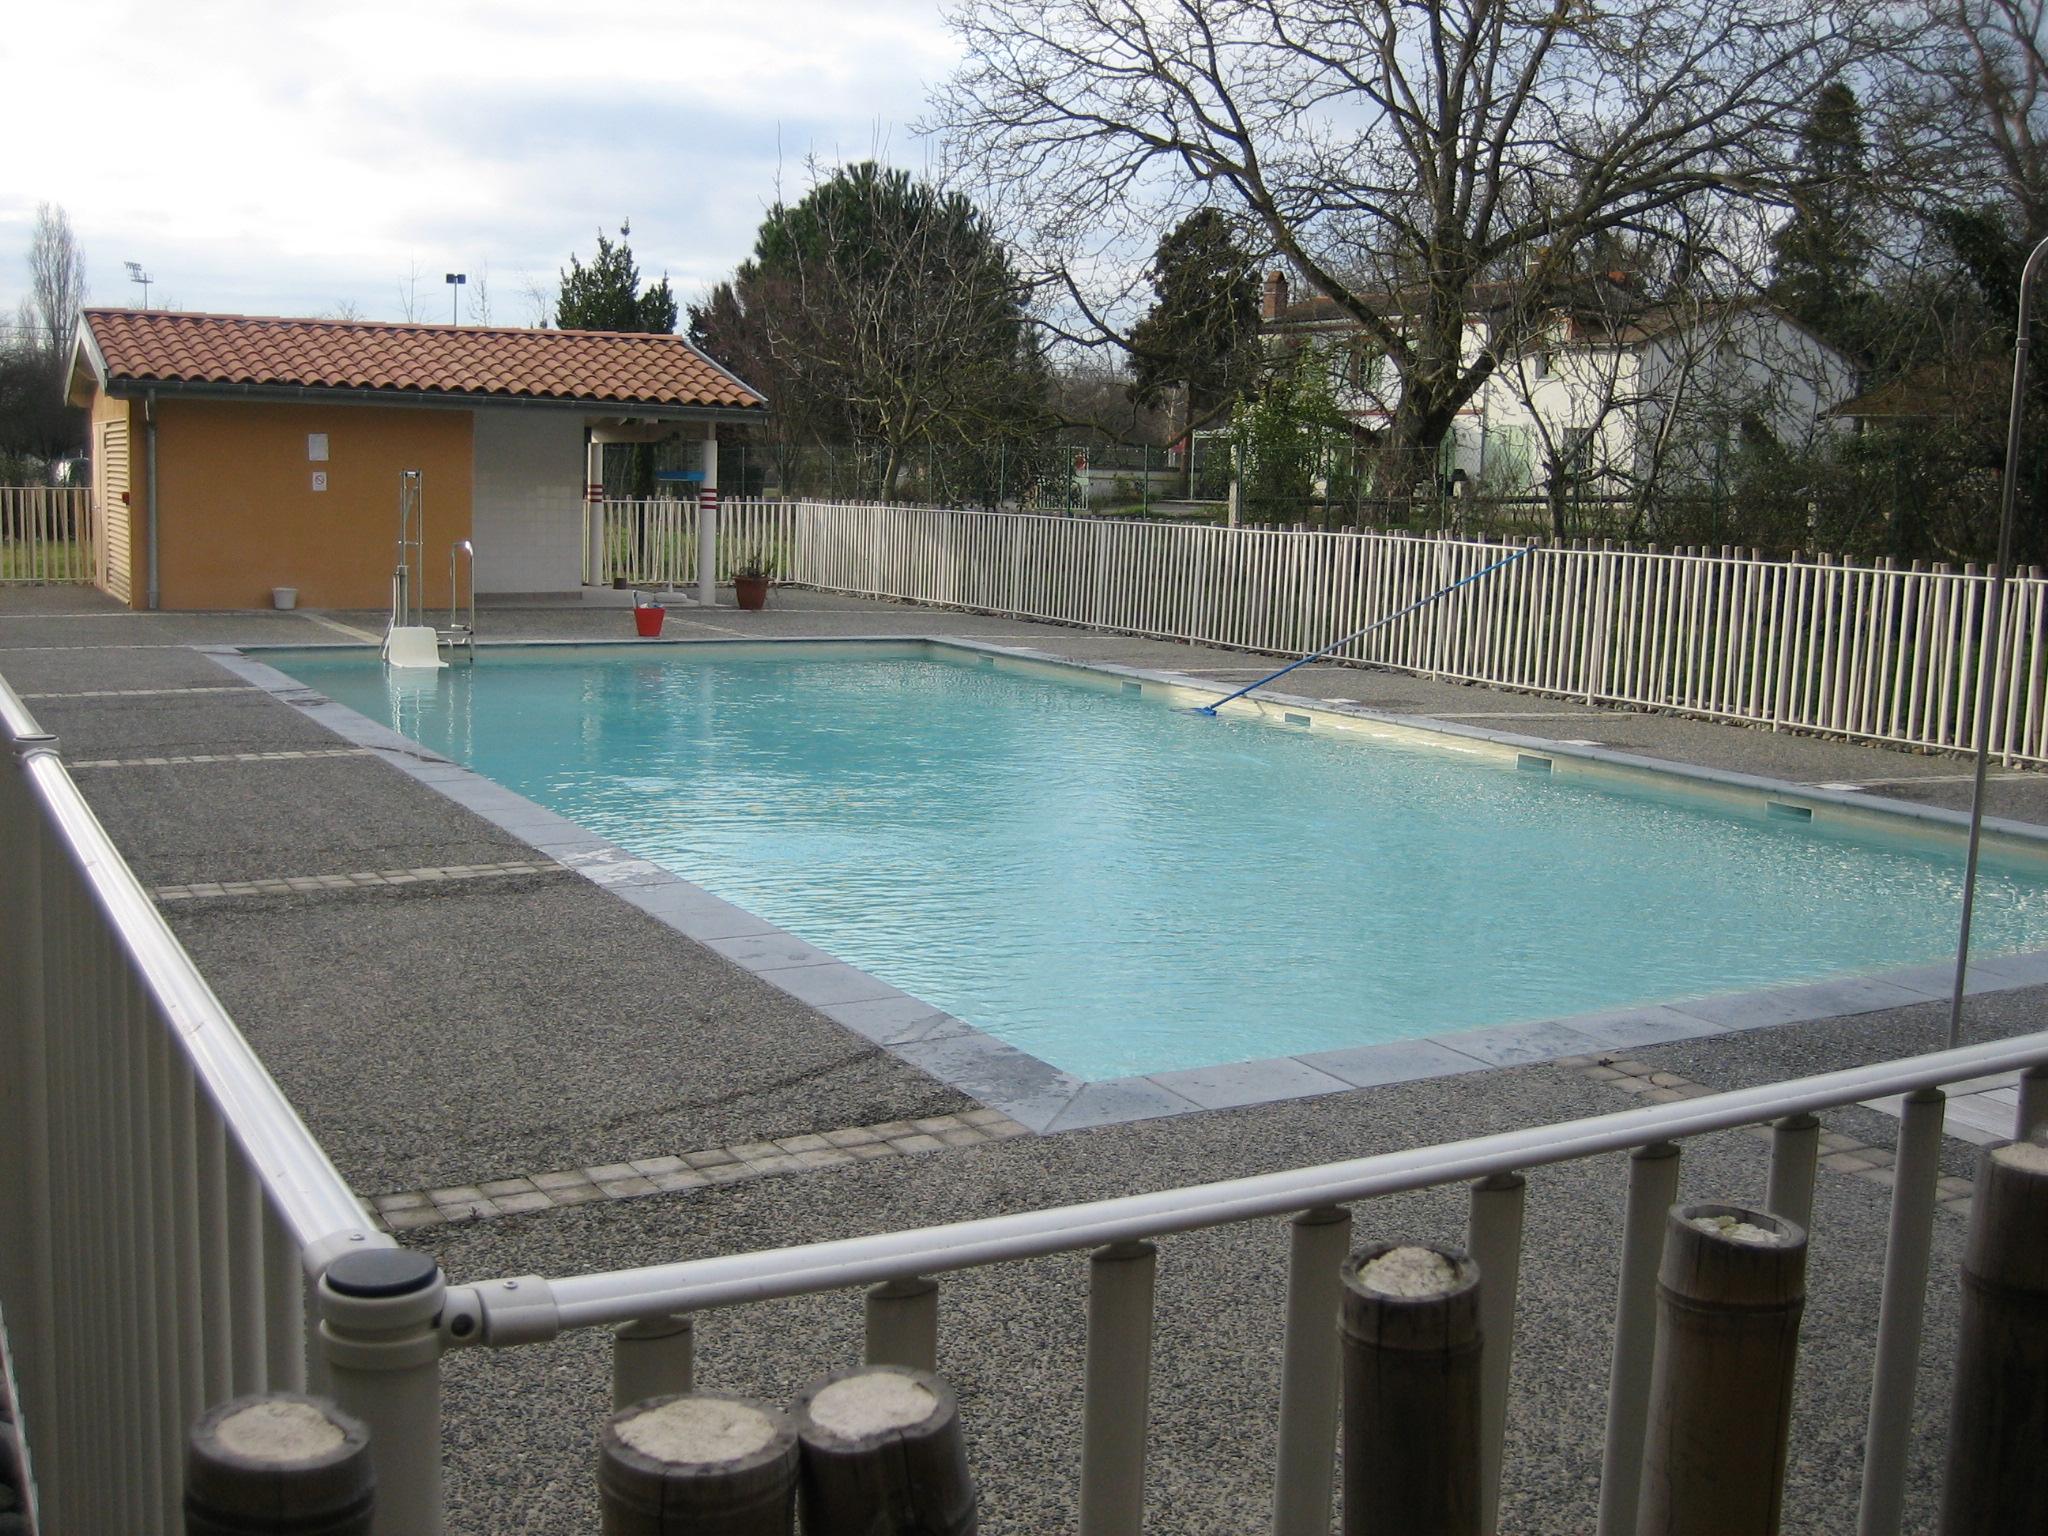 nettoyage piscine copropriété toulouse